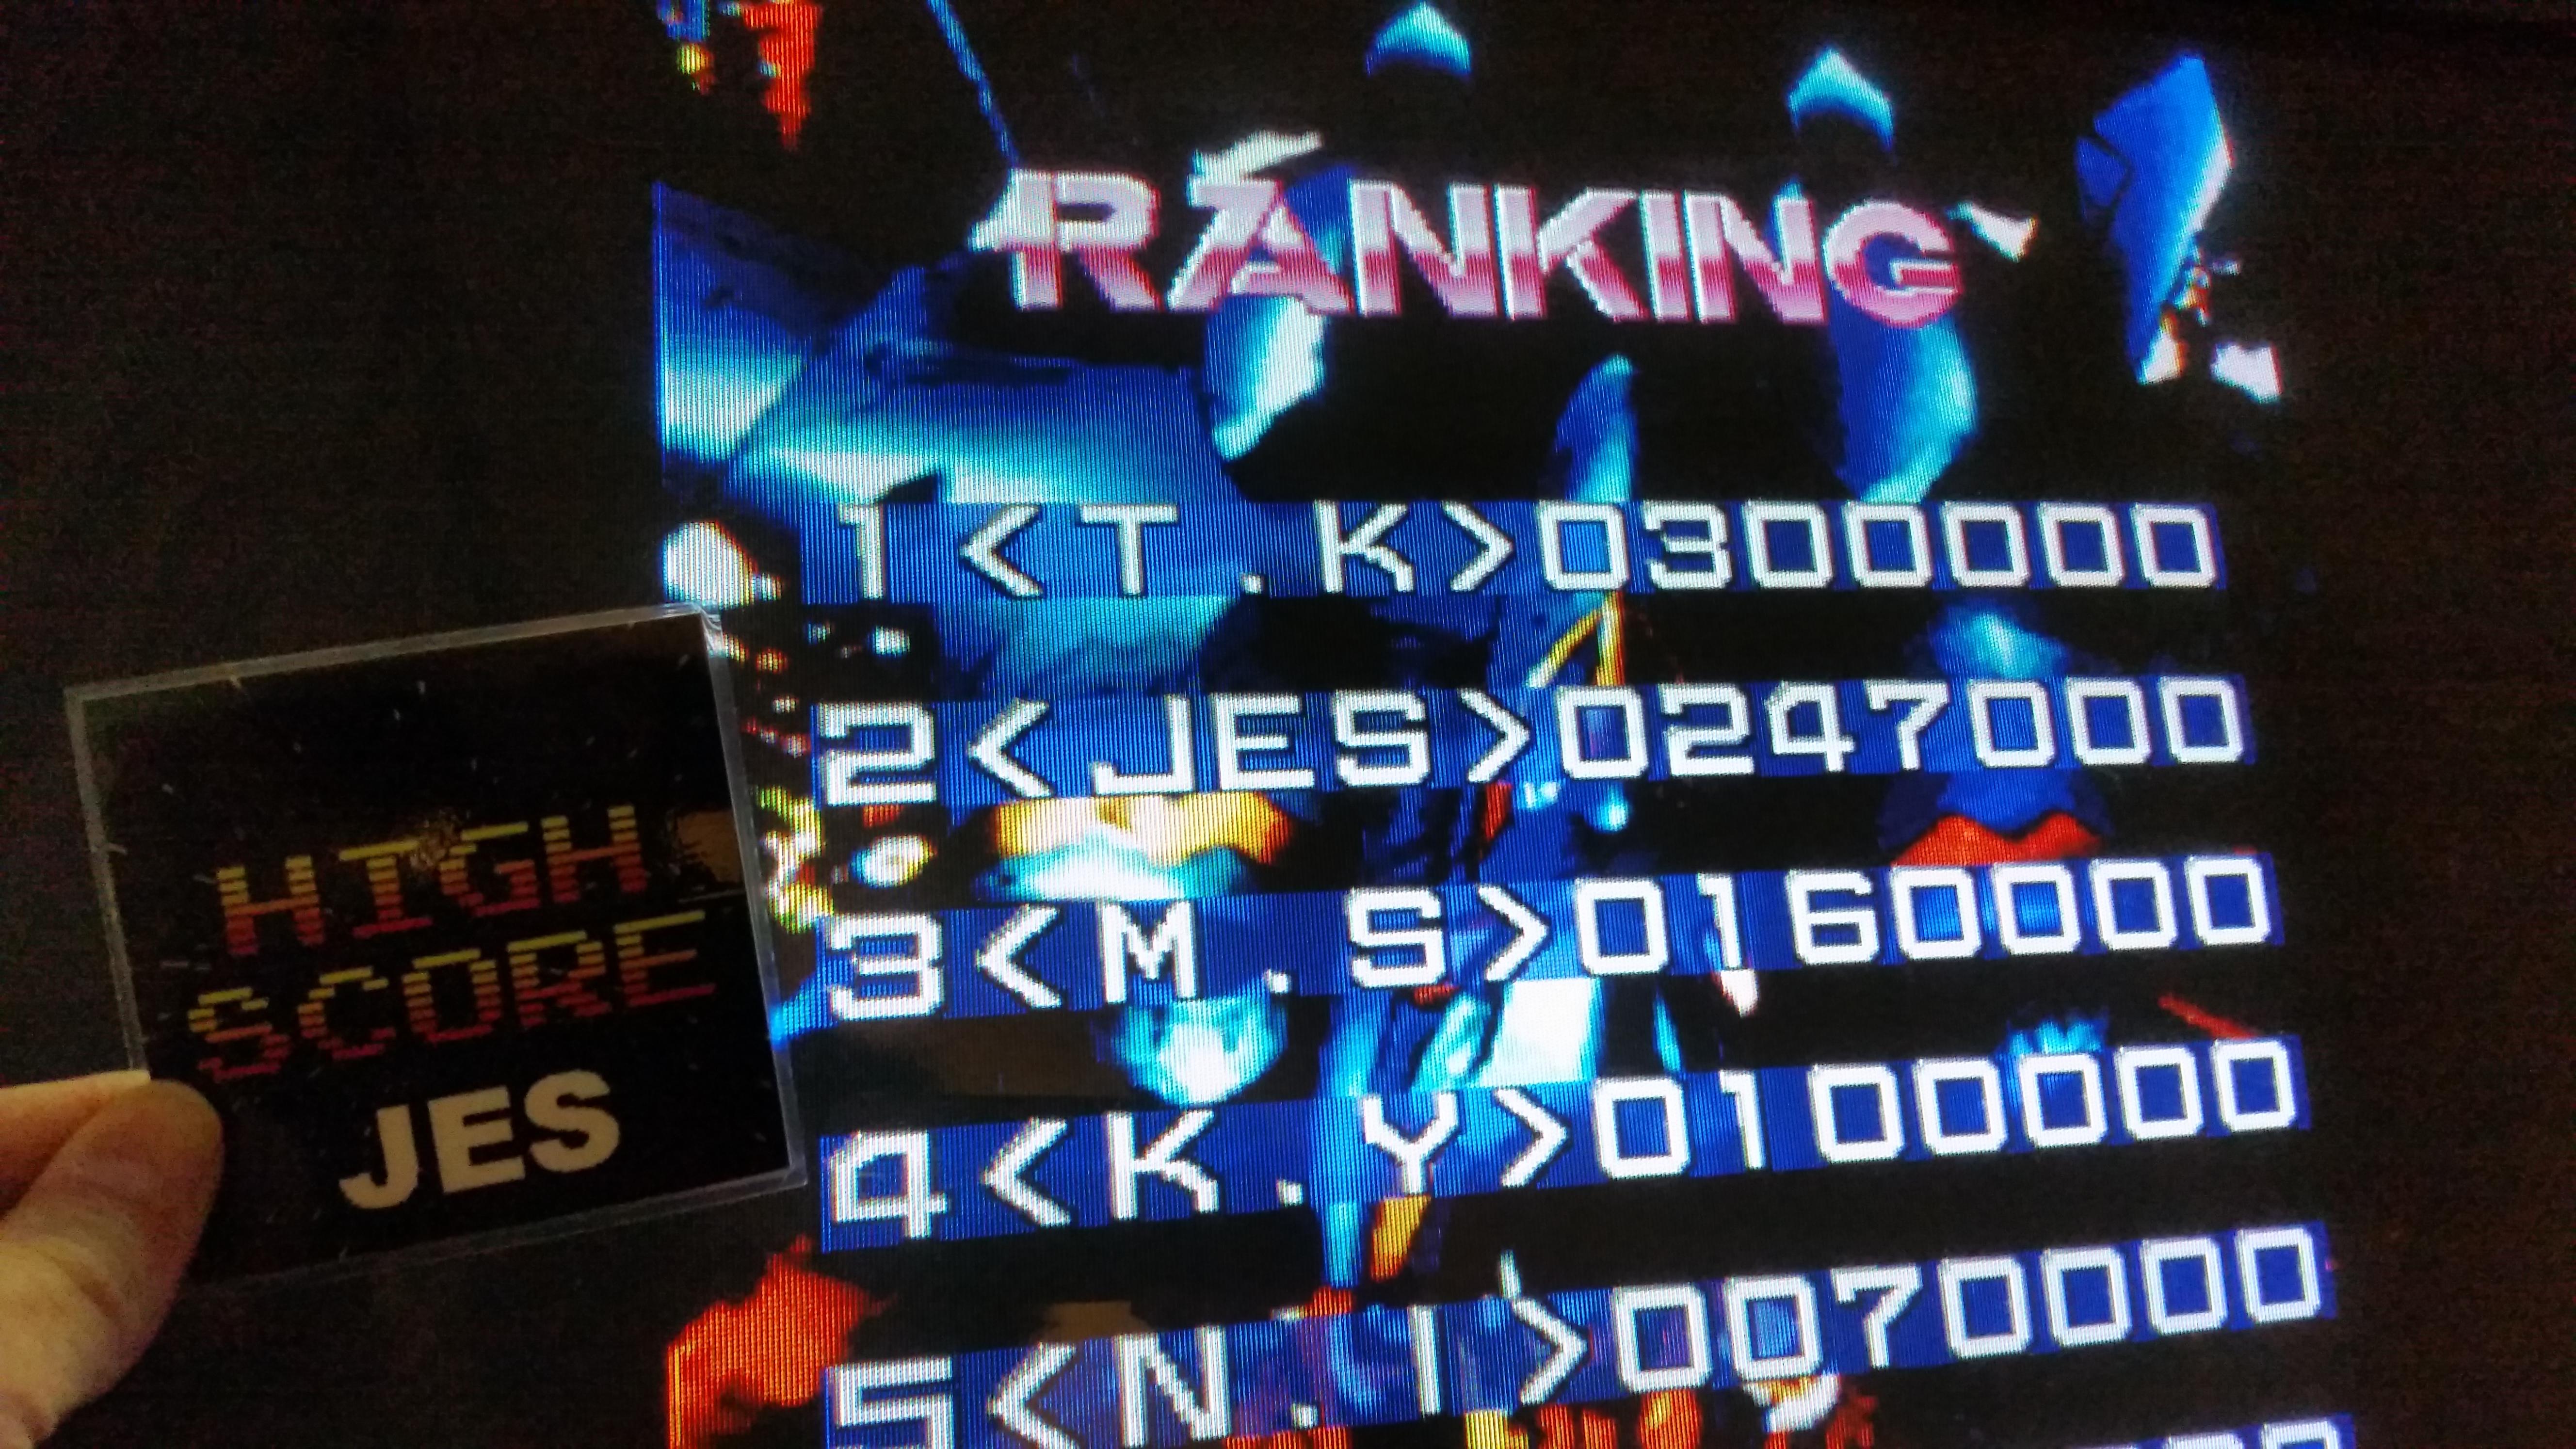 Macross Plus [macrossp] 247,000 points